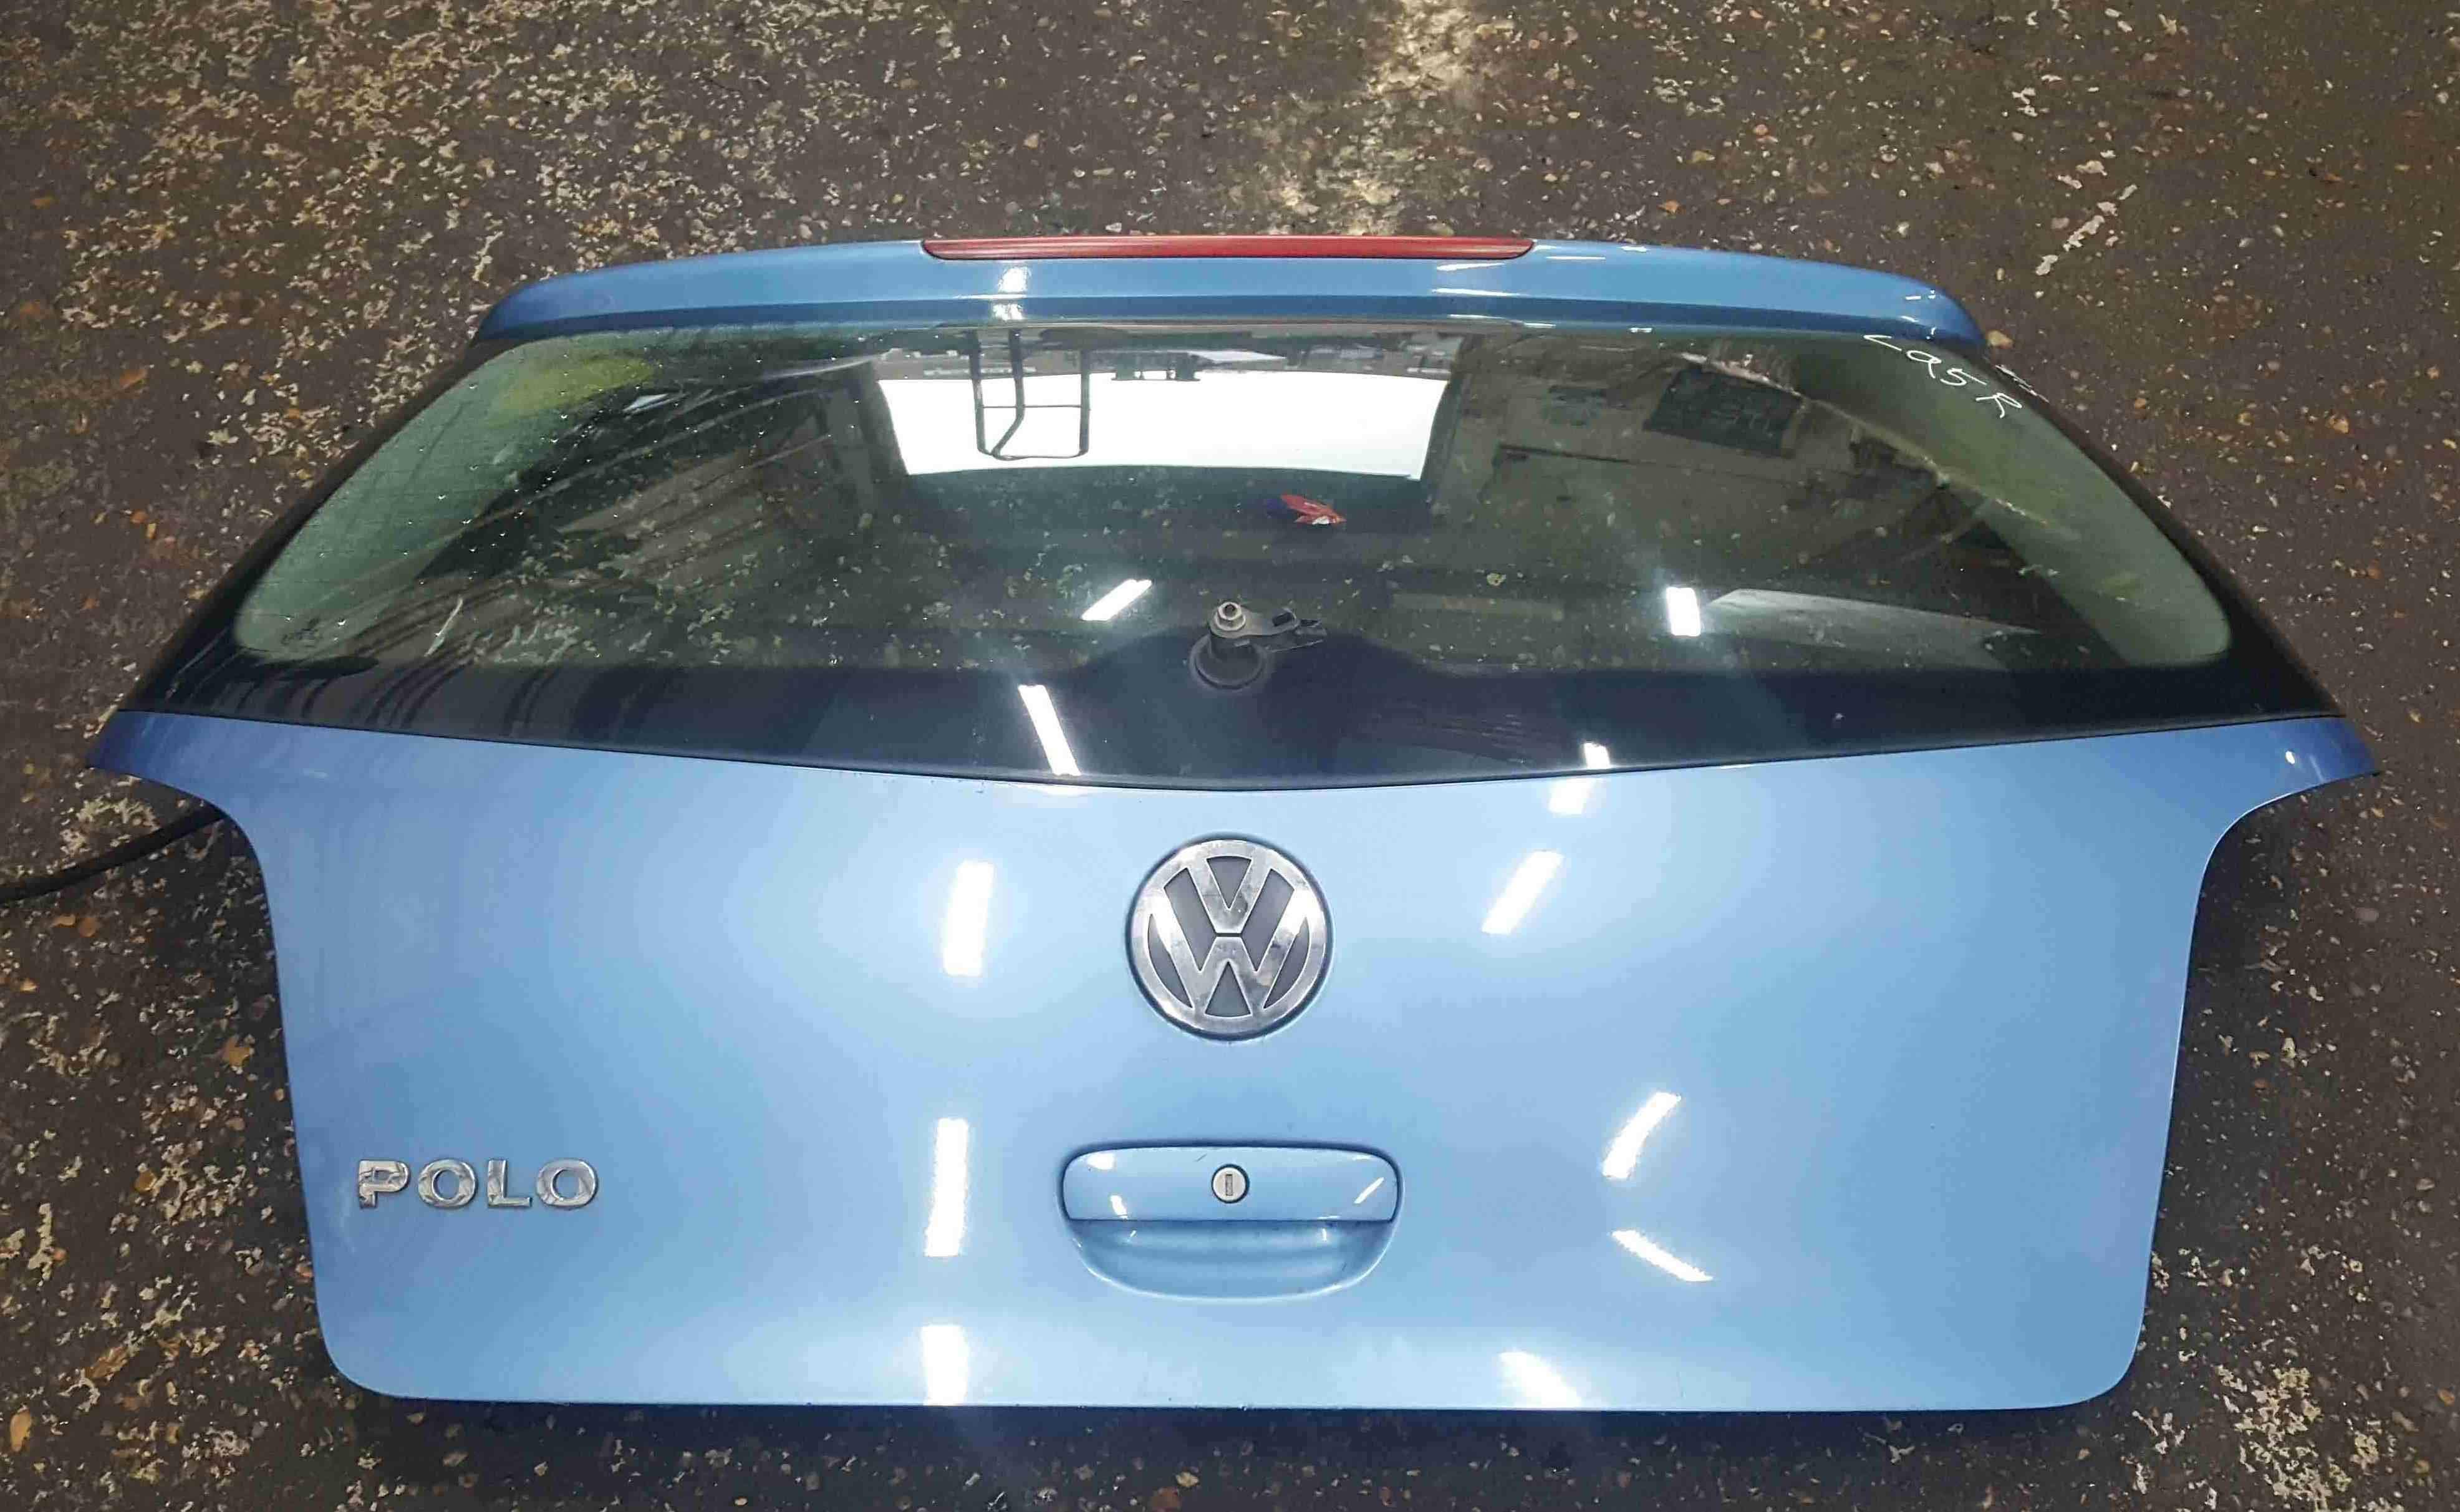 Volkswagen Polo 9N3 2006-2008 Rear Tailgate Boot Blue LA5R